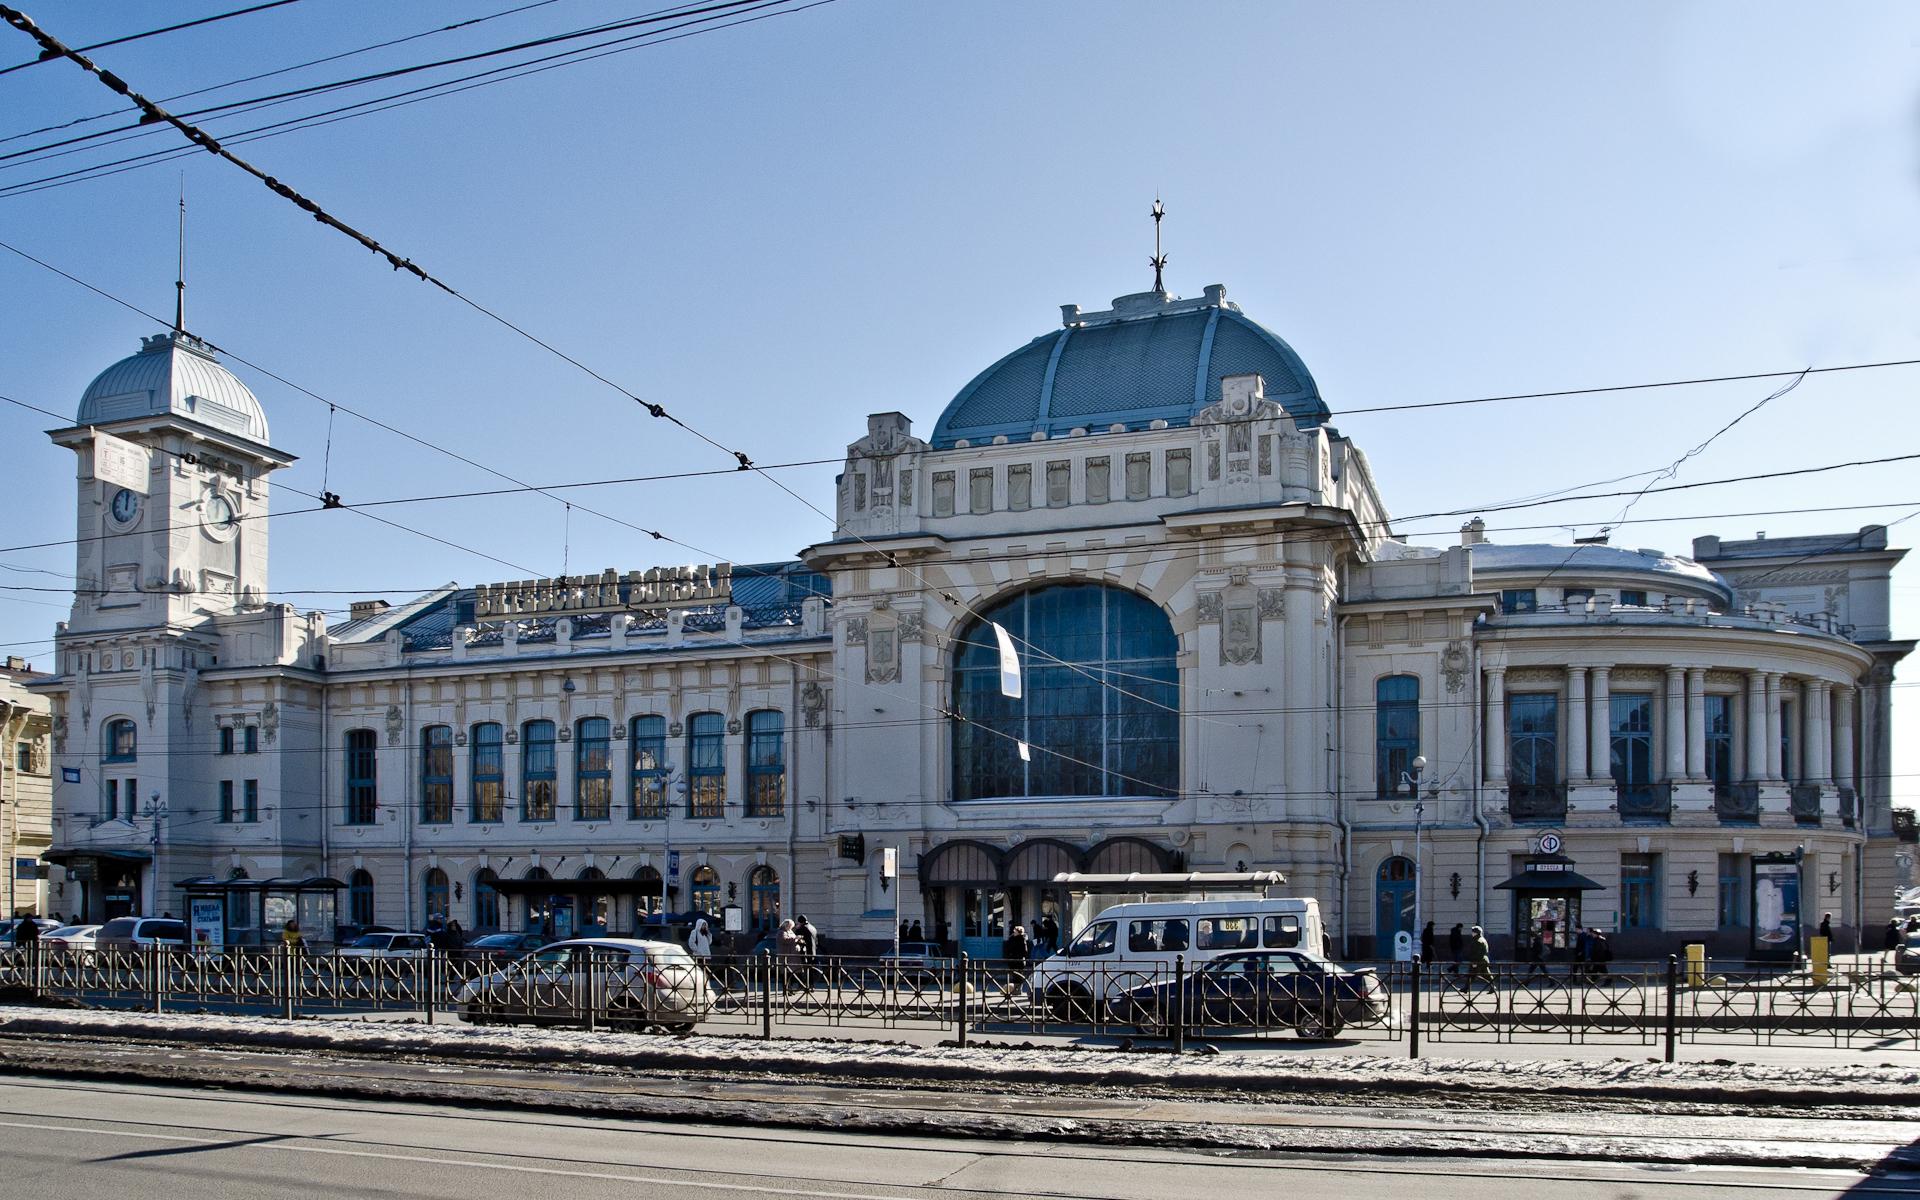 Витебский вокзал в петербурге - один из первых общественных зданий в стиле модерн